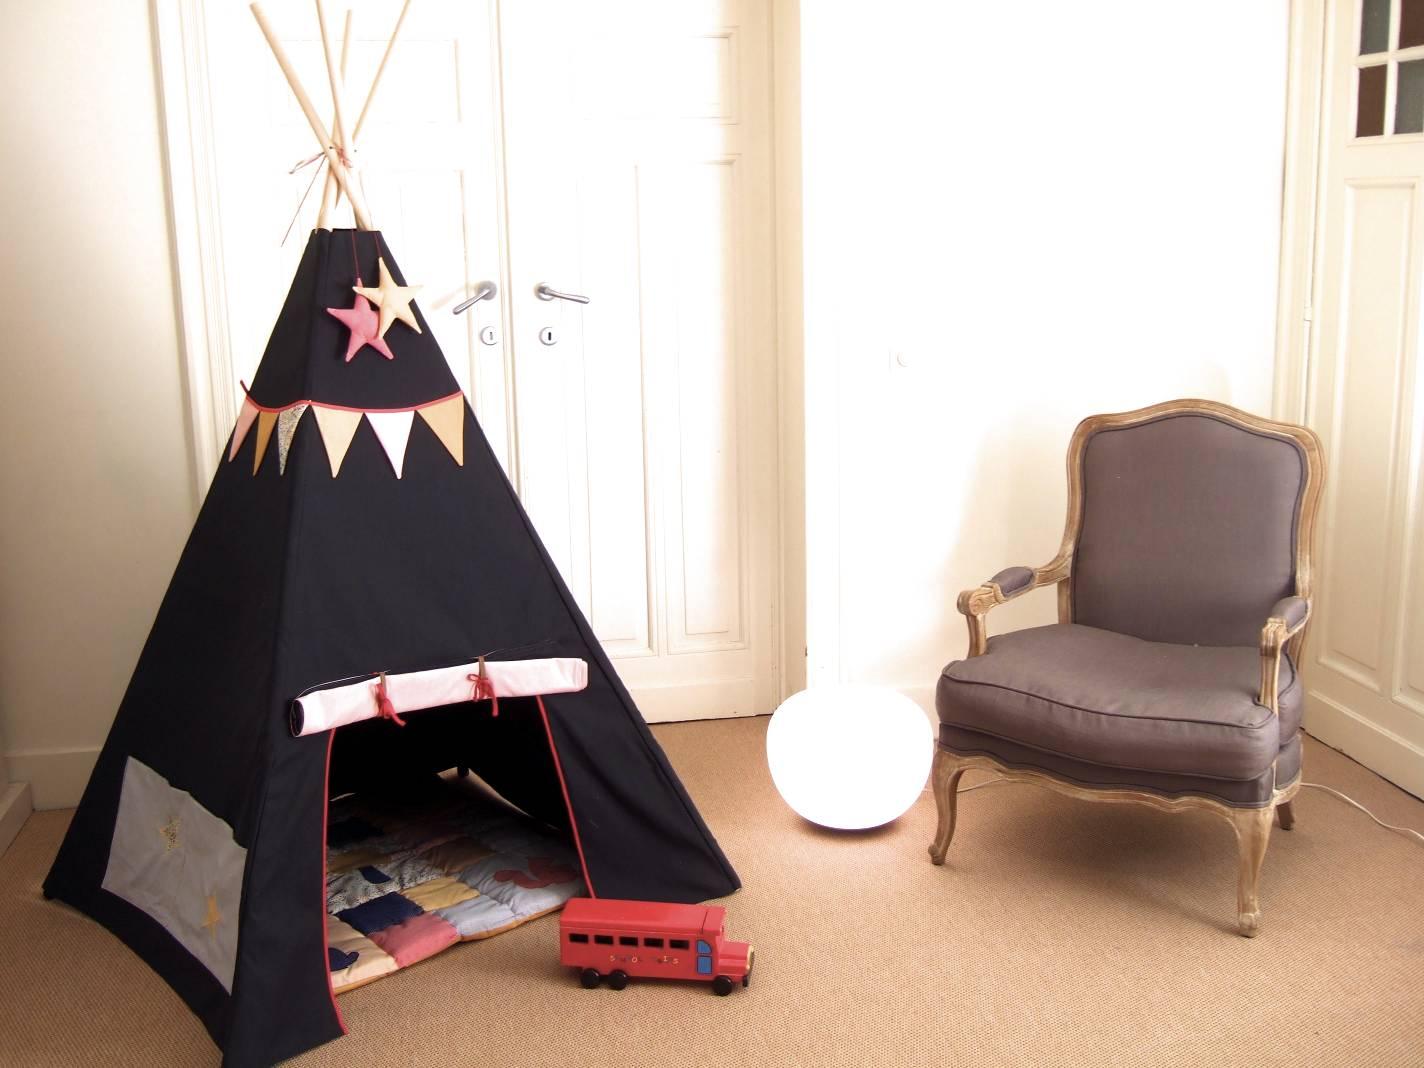 patron du tipi du livre petits riens pour la chambre d 39 enfant popeline bleue grise mt. Black Bedroom Furniture Sets. Home Design Ideas